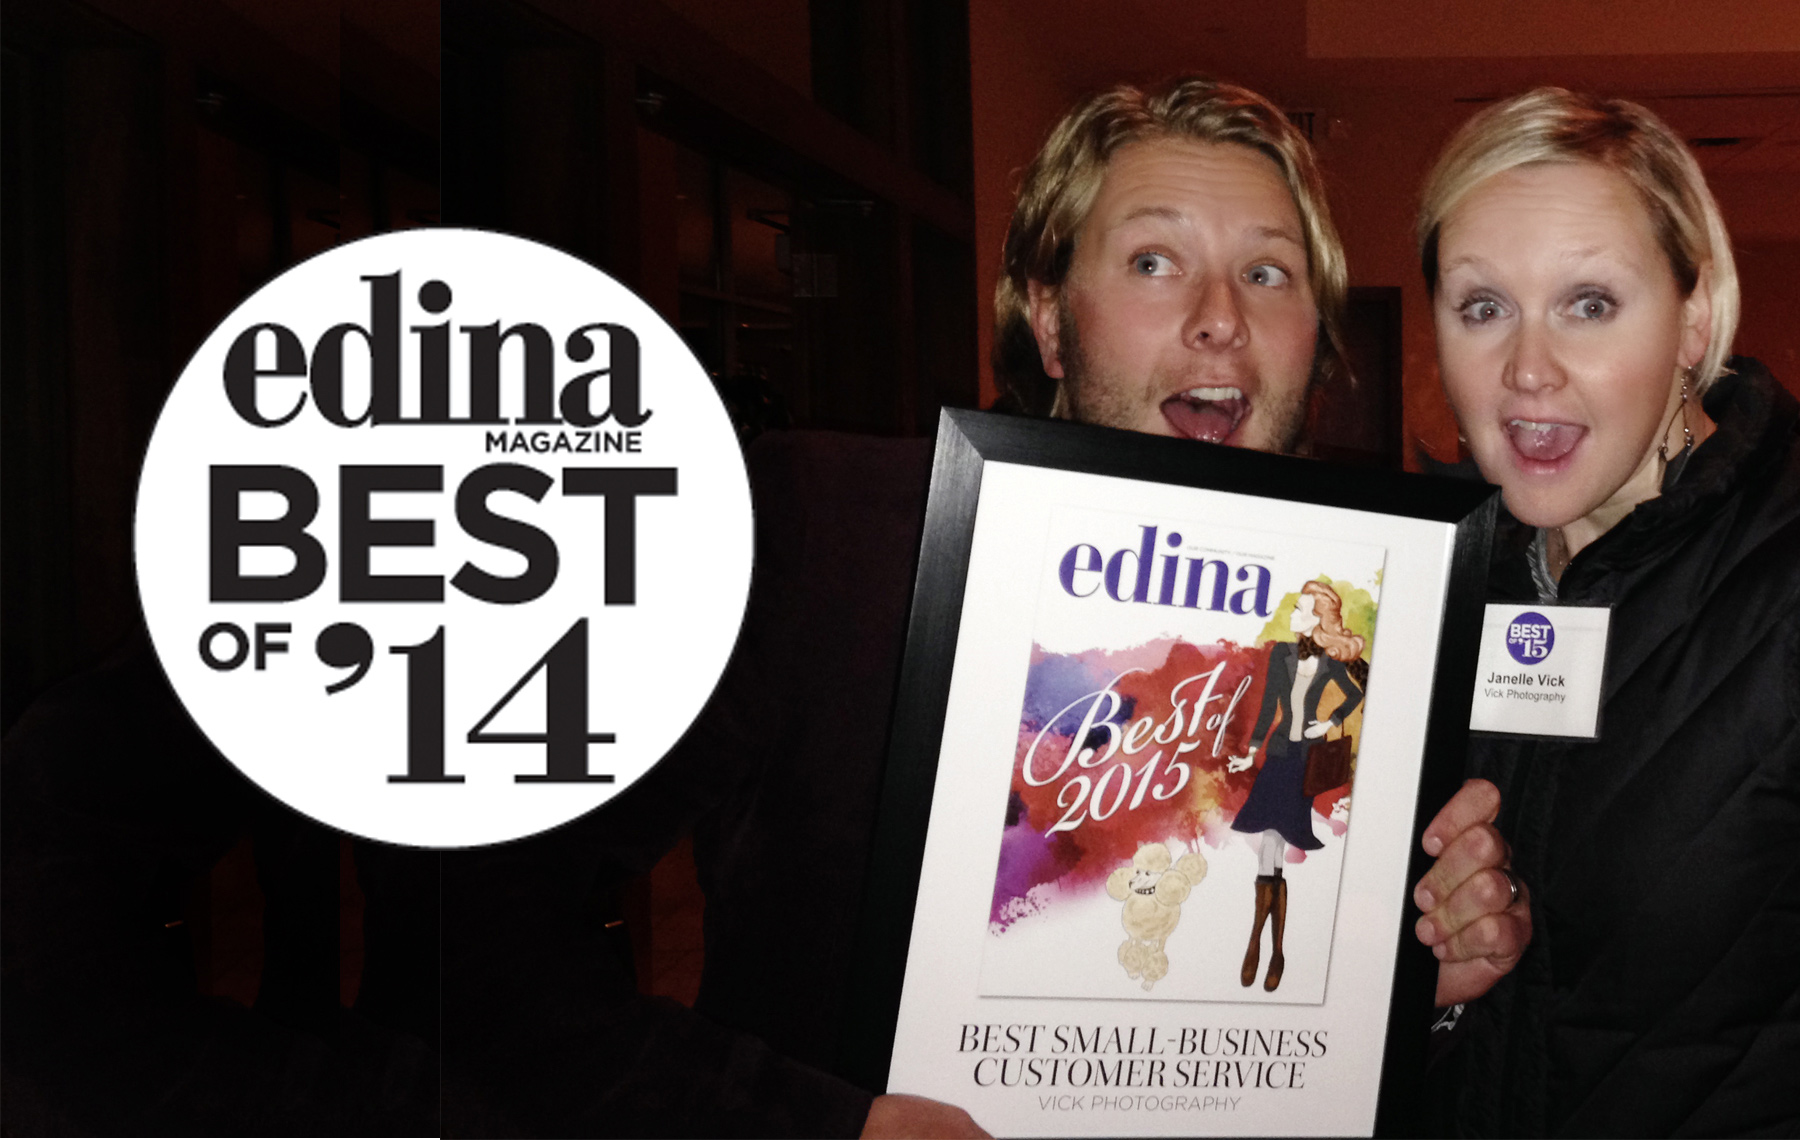 2014 EDINA MAGAZINE AWARD -